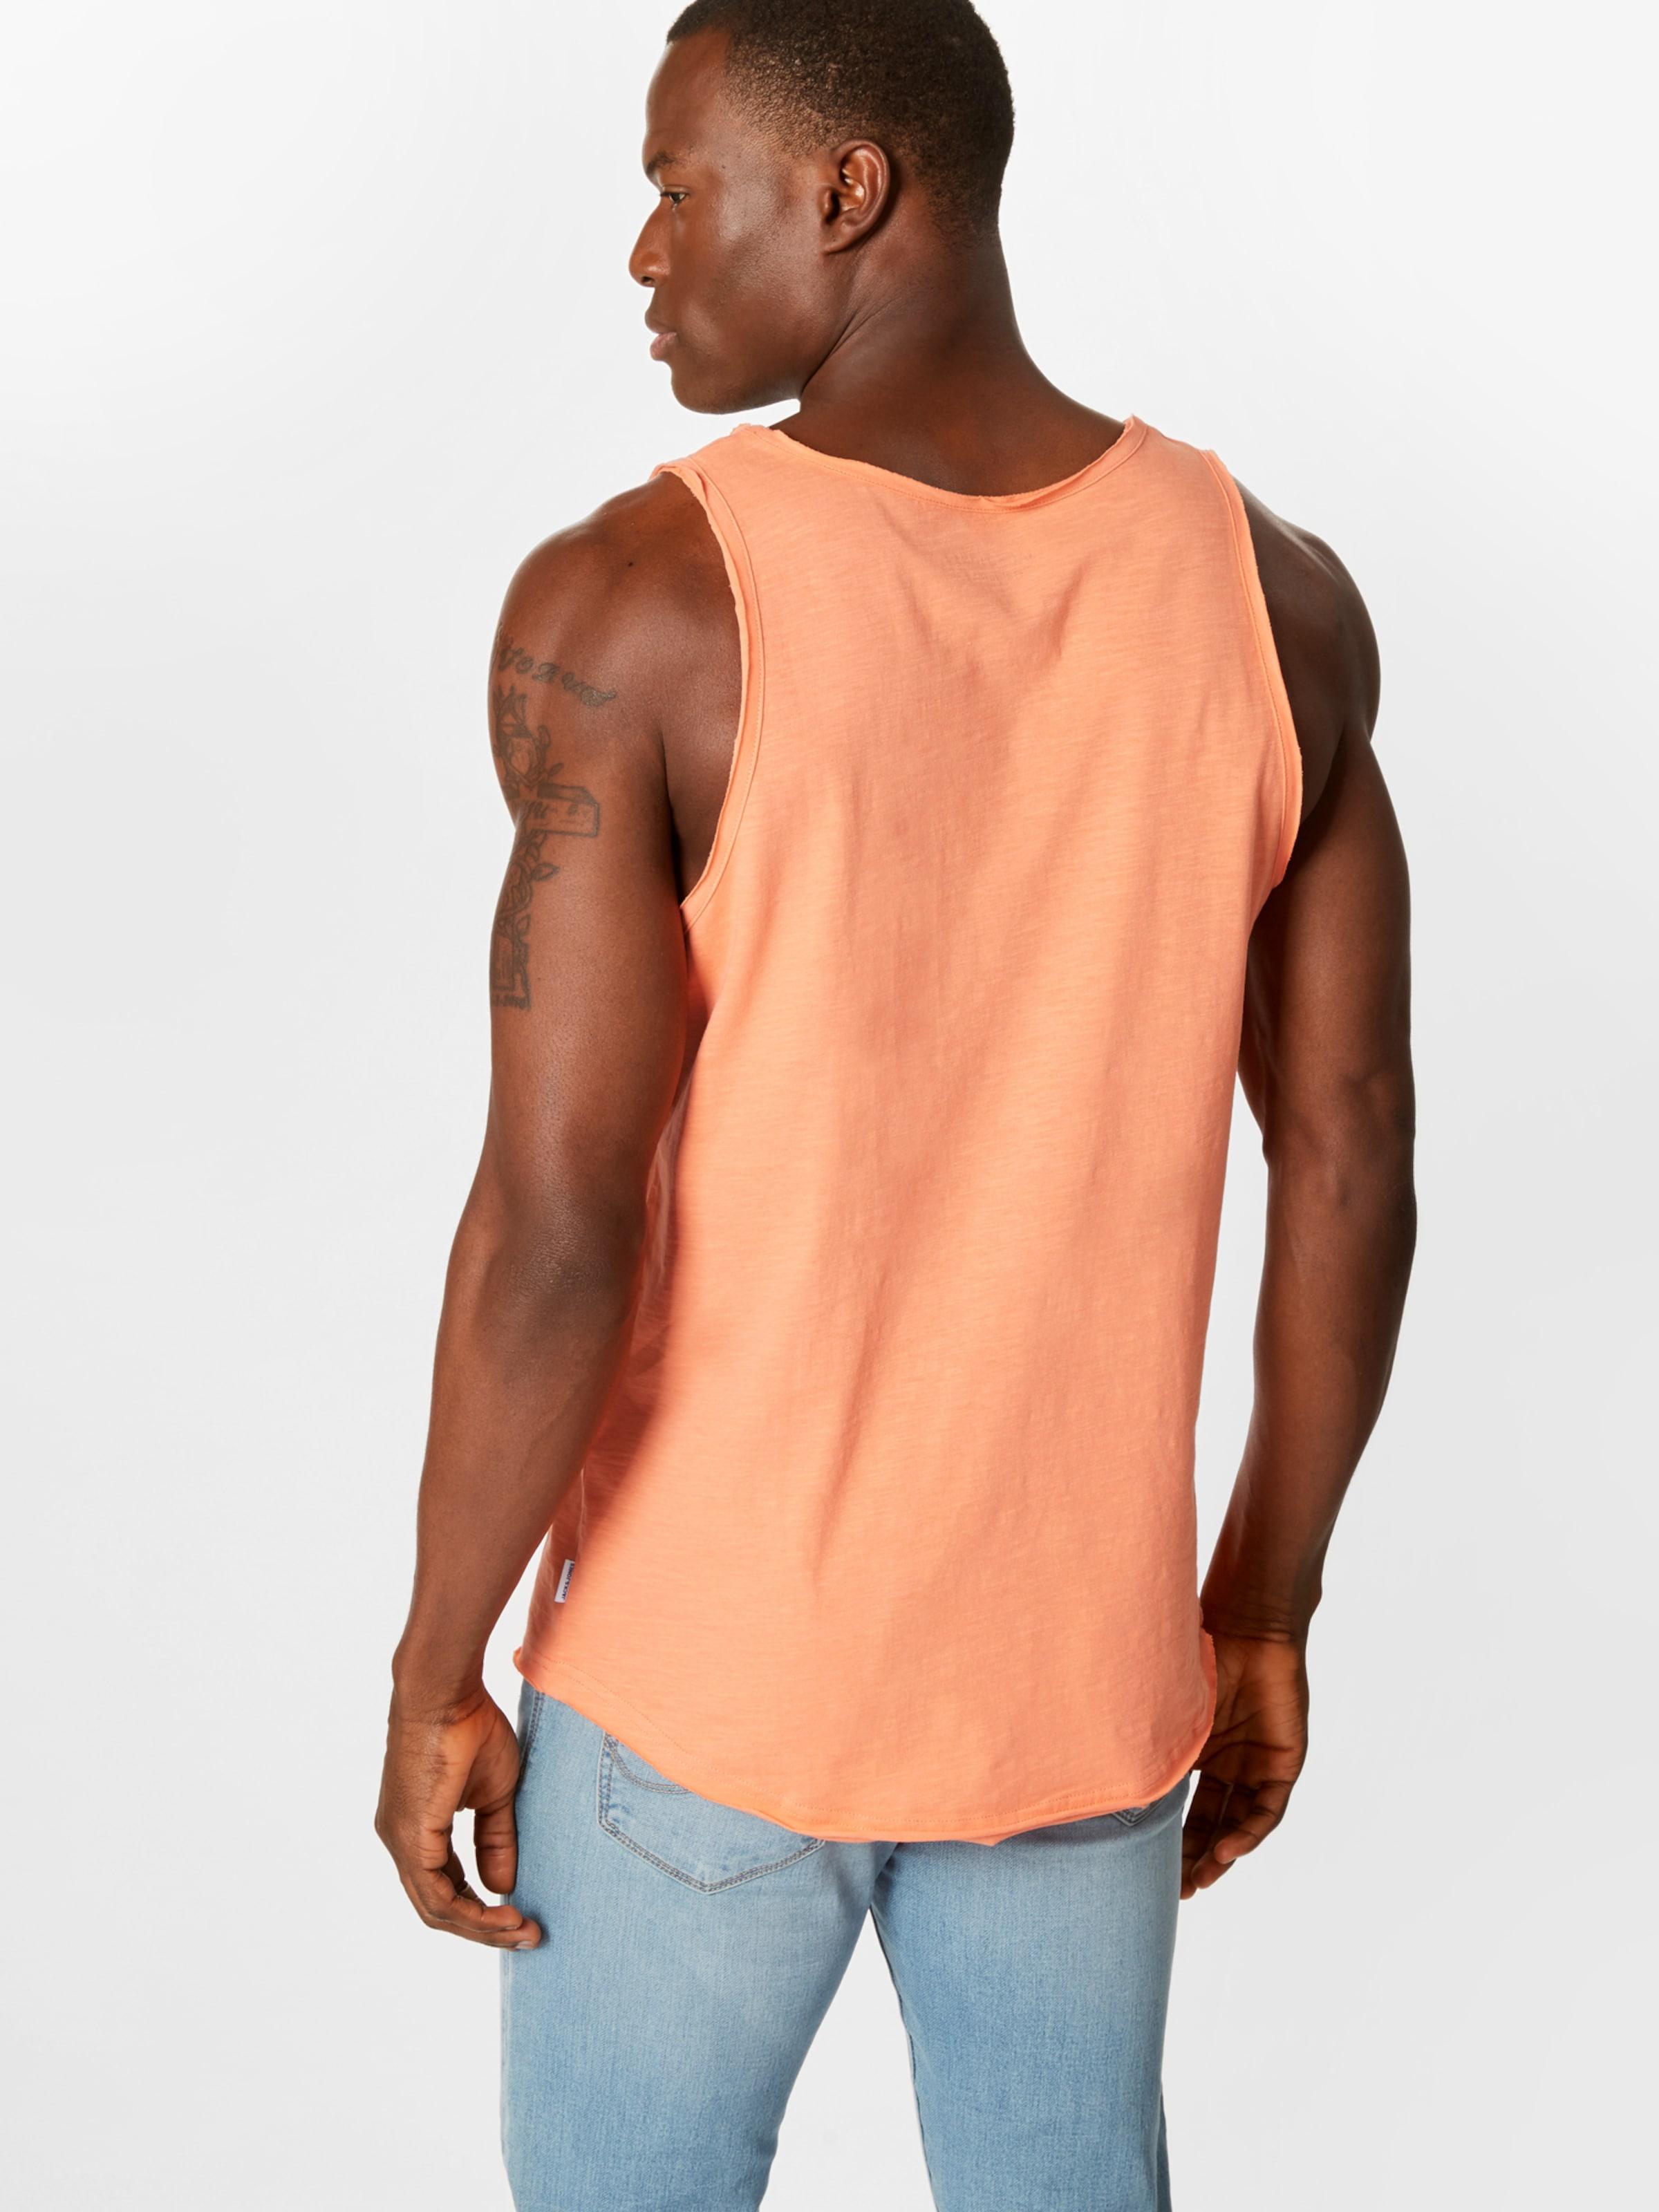 shirt Abricot En T Jackamp; Jones wkPTuZOiXl